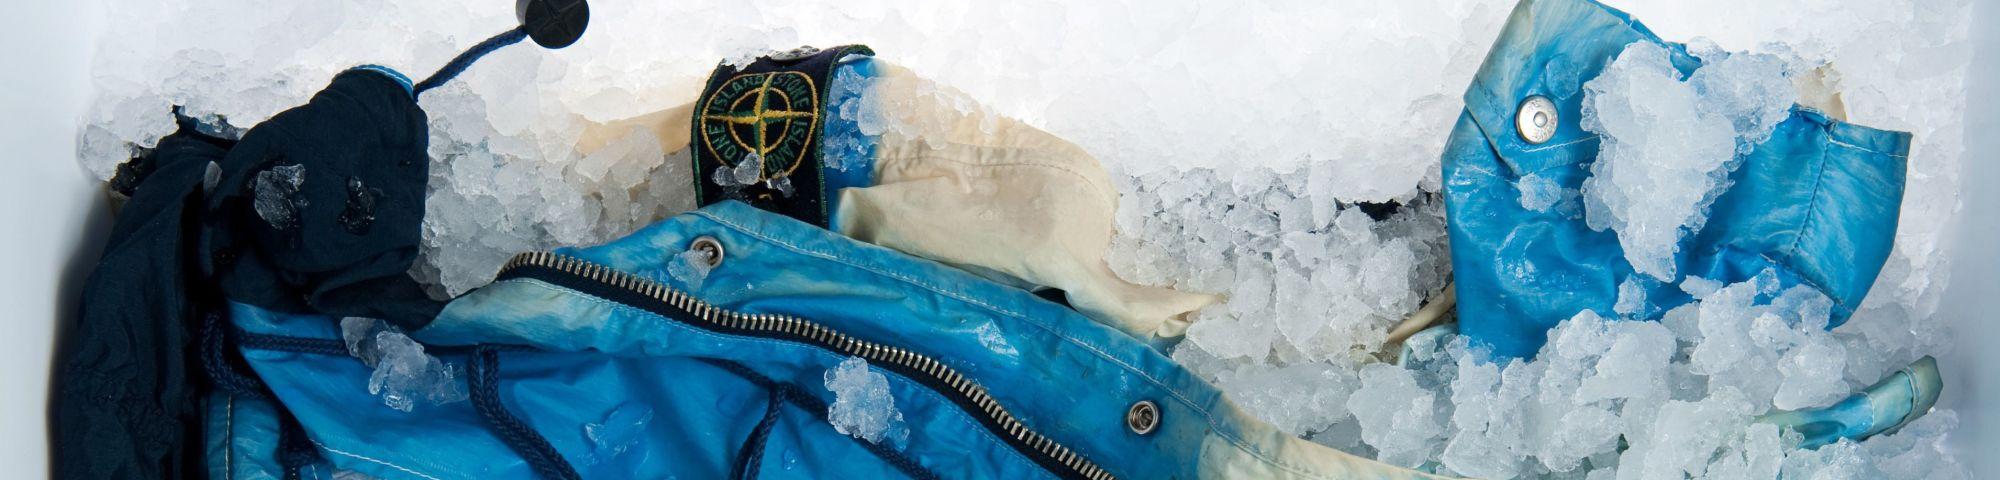 Massimo Osti: Ice Jacket, 1987. Courtesy of Massimo Osti Archive